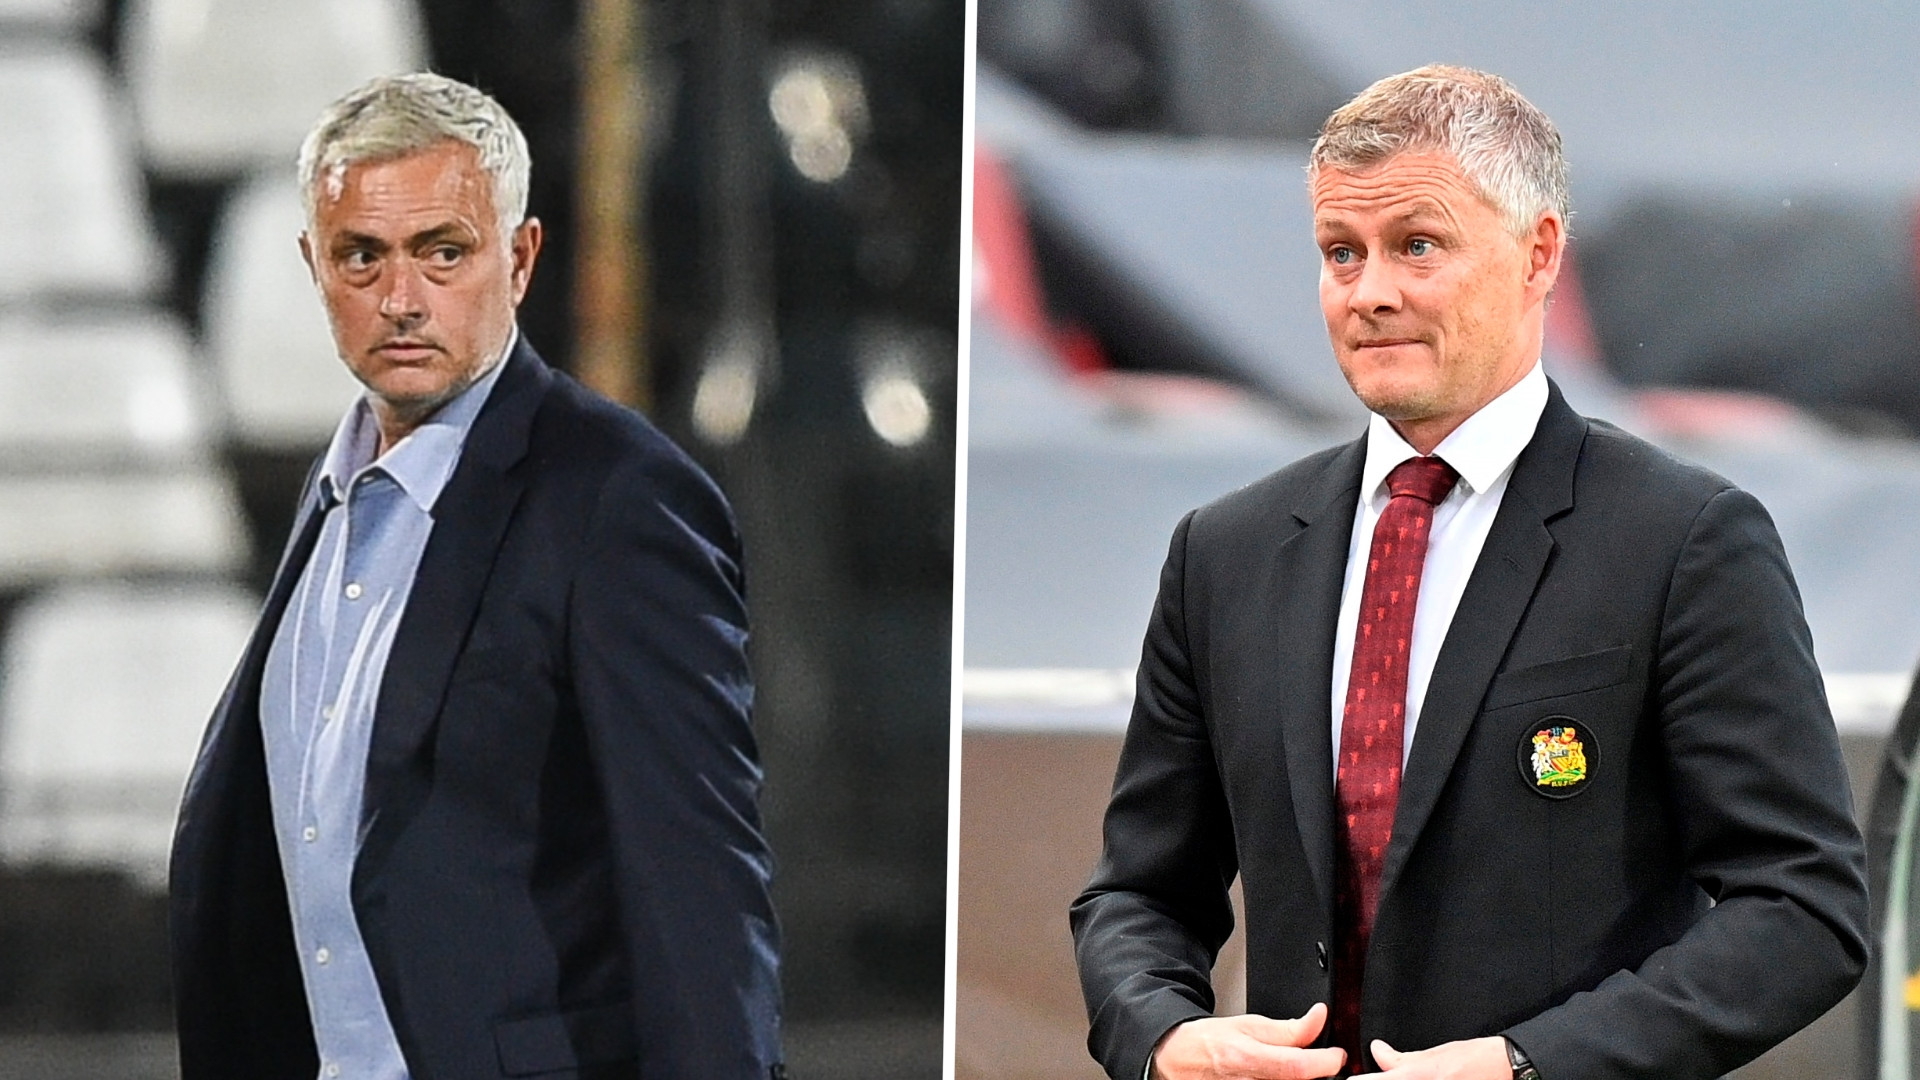 Solskjaer falls short of Mourinho as he reaches Man Utd milestone